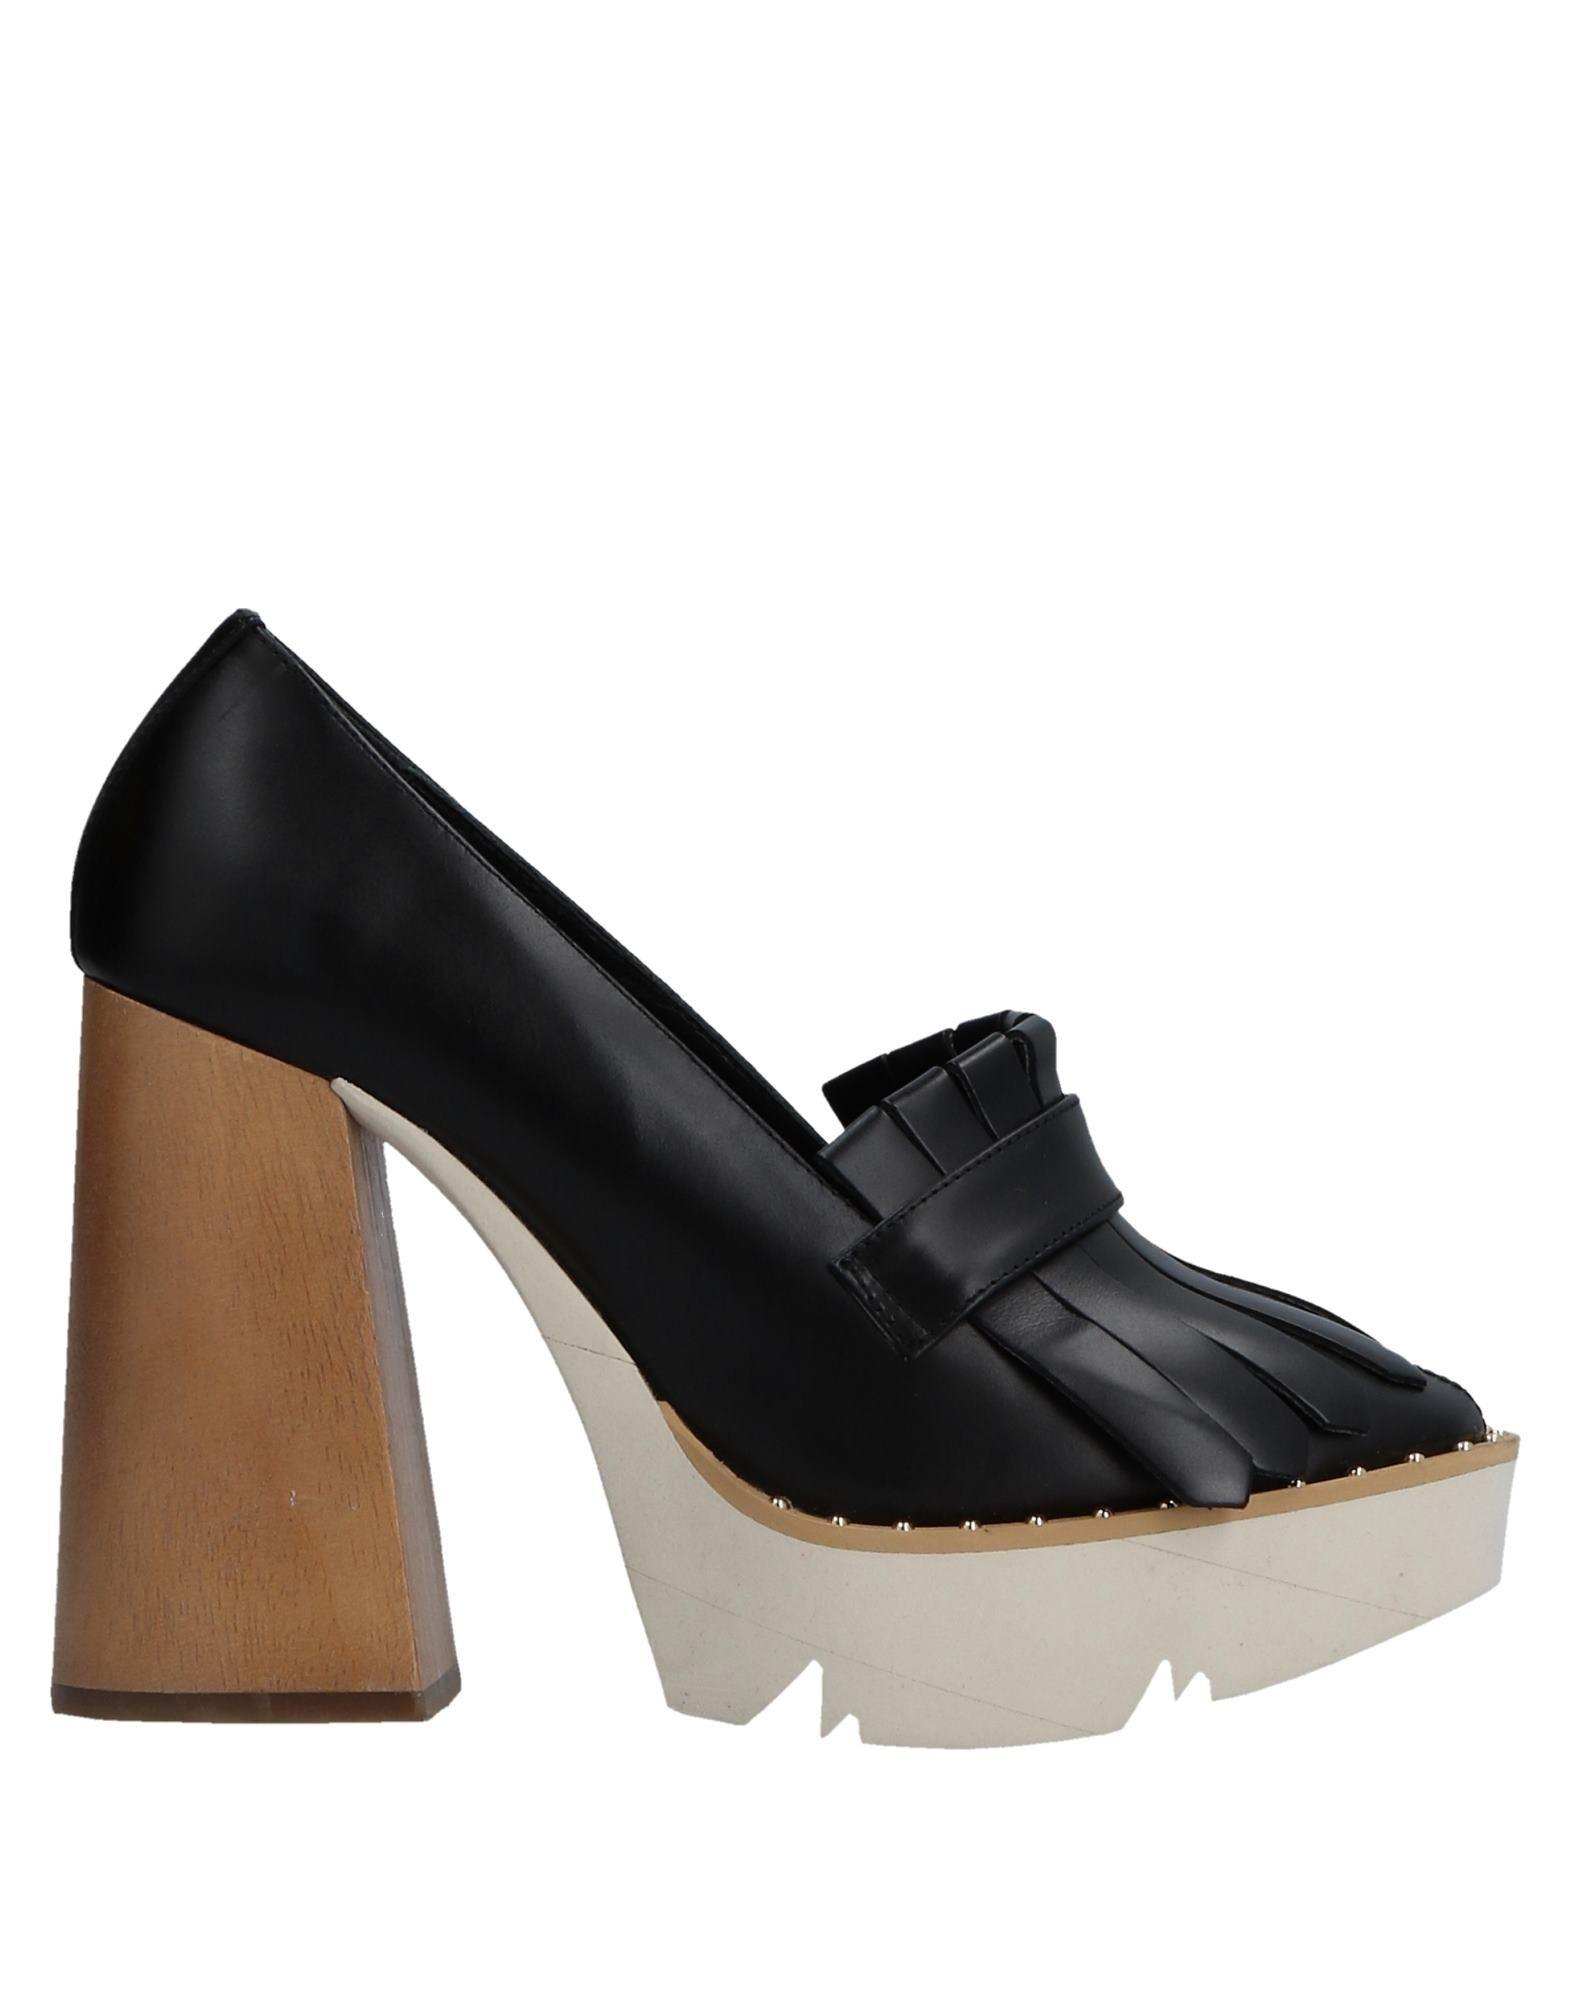 Gut um billige Schuhe zu  tragenPaloma Barceló Mokassins Damen  zu 11531948HE 0d954e